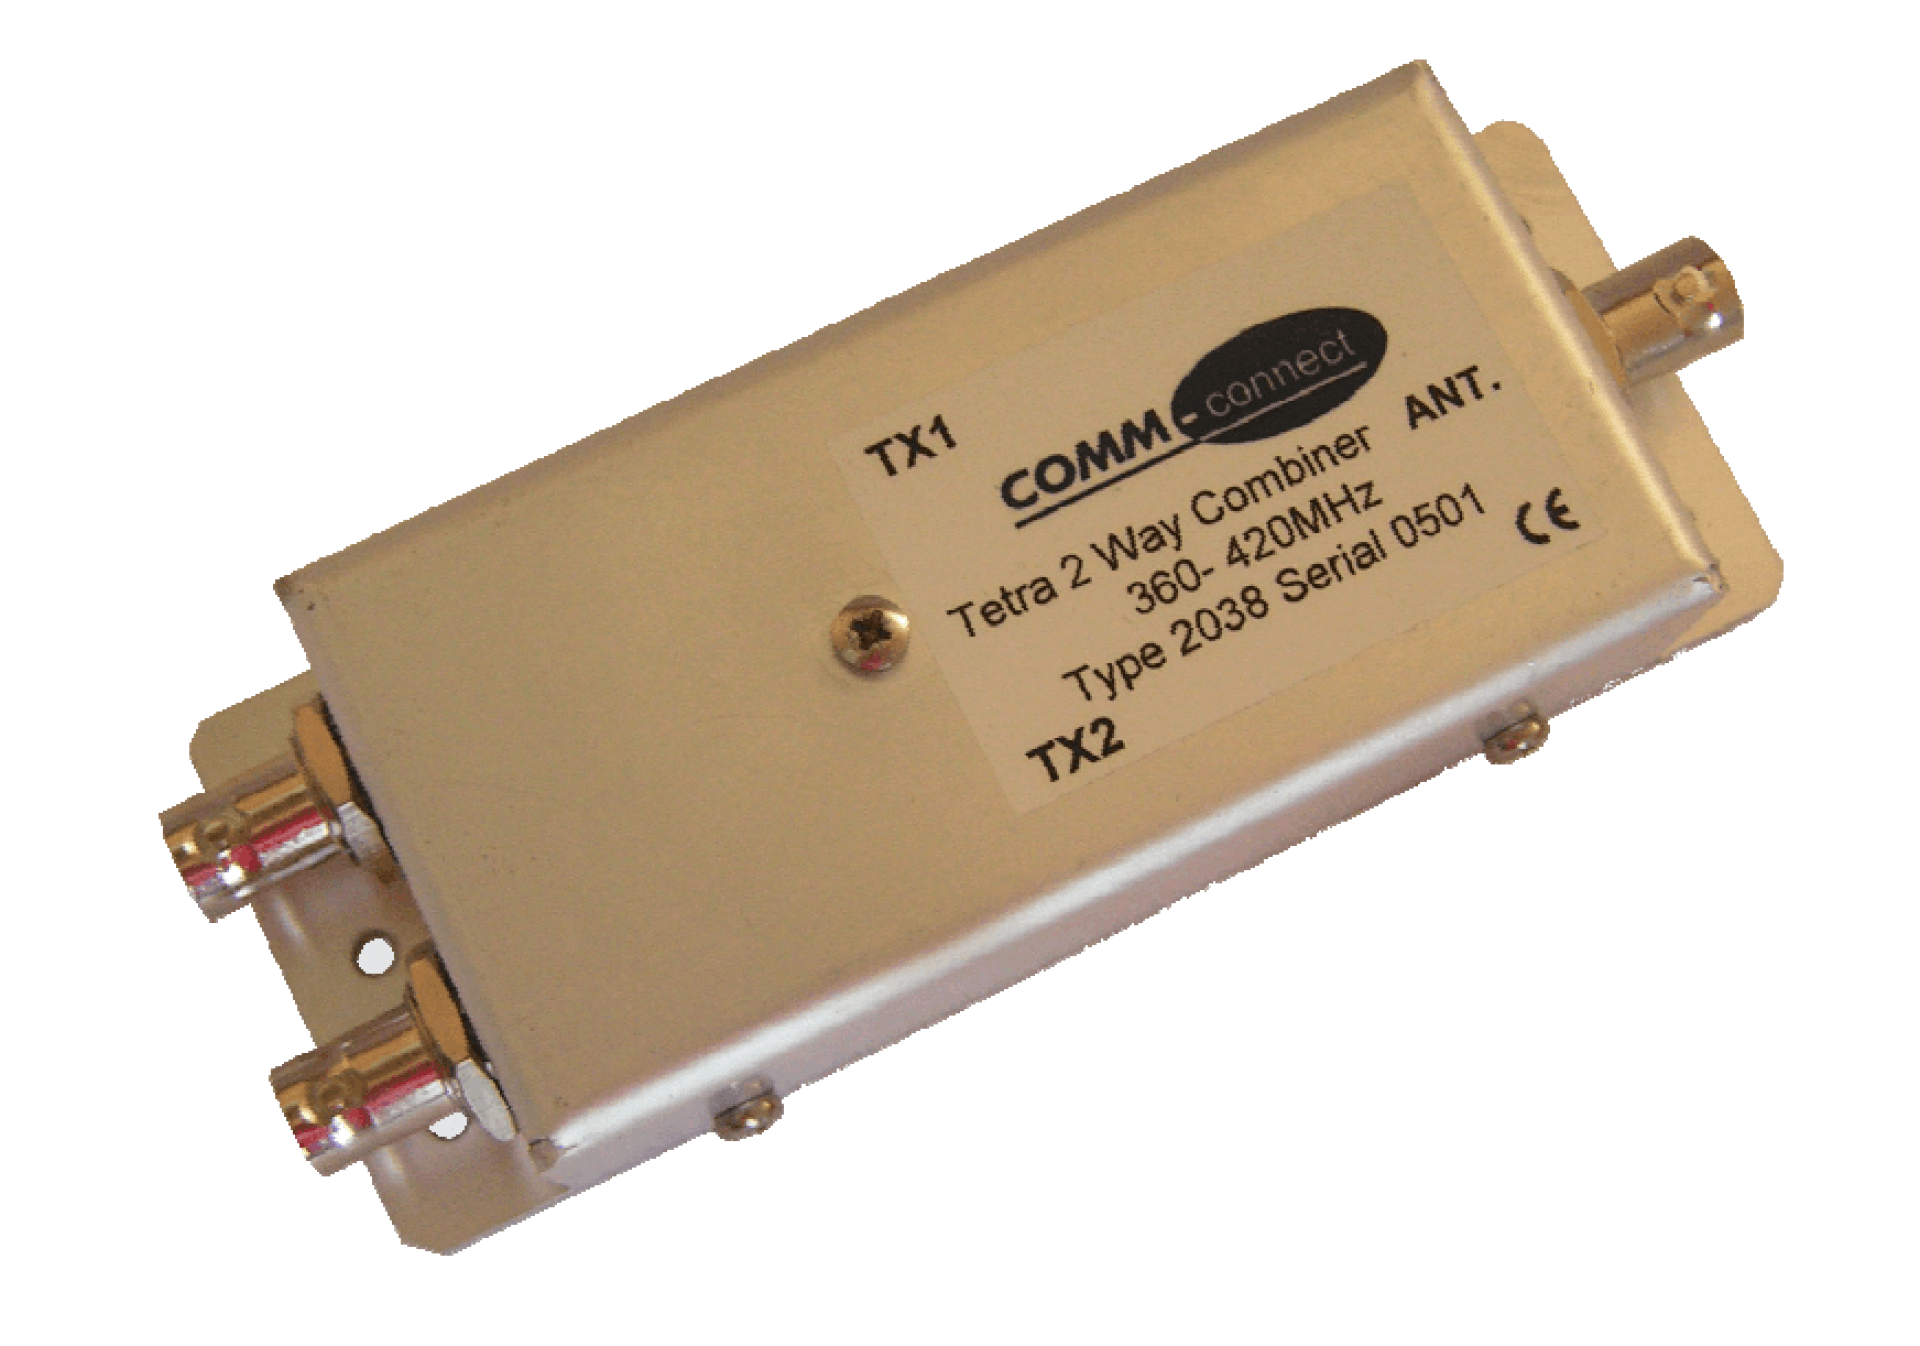 2-to-1 E-TETRA Combiner, 360 - 440 MHz